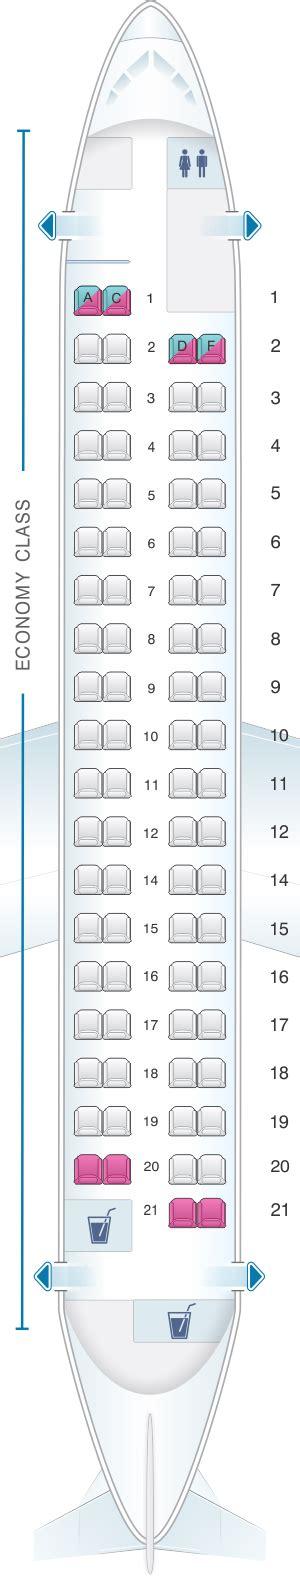 dash 8 400 seating seat map croatia airlines dash8 q400 seatmaestro